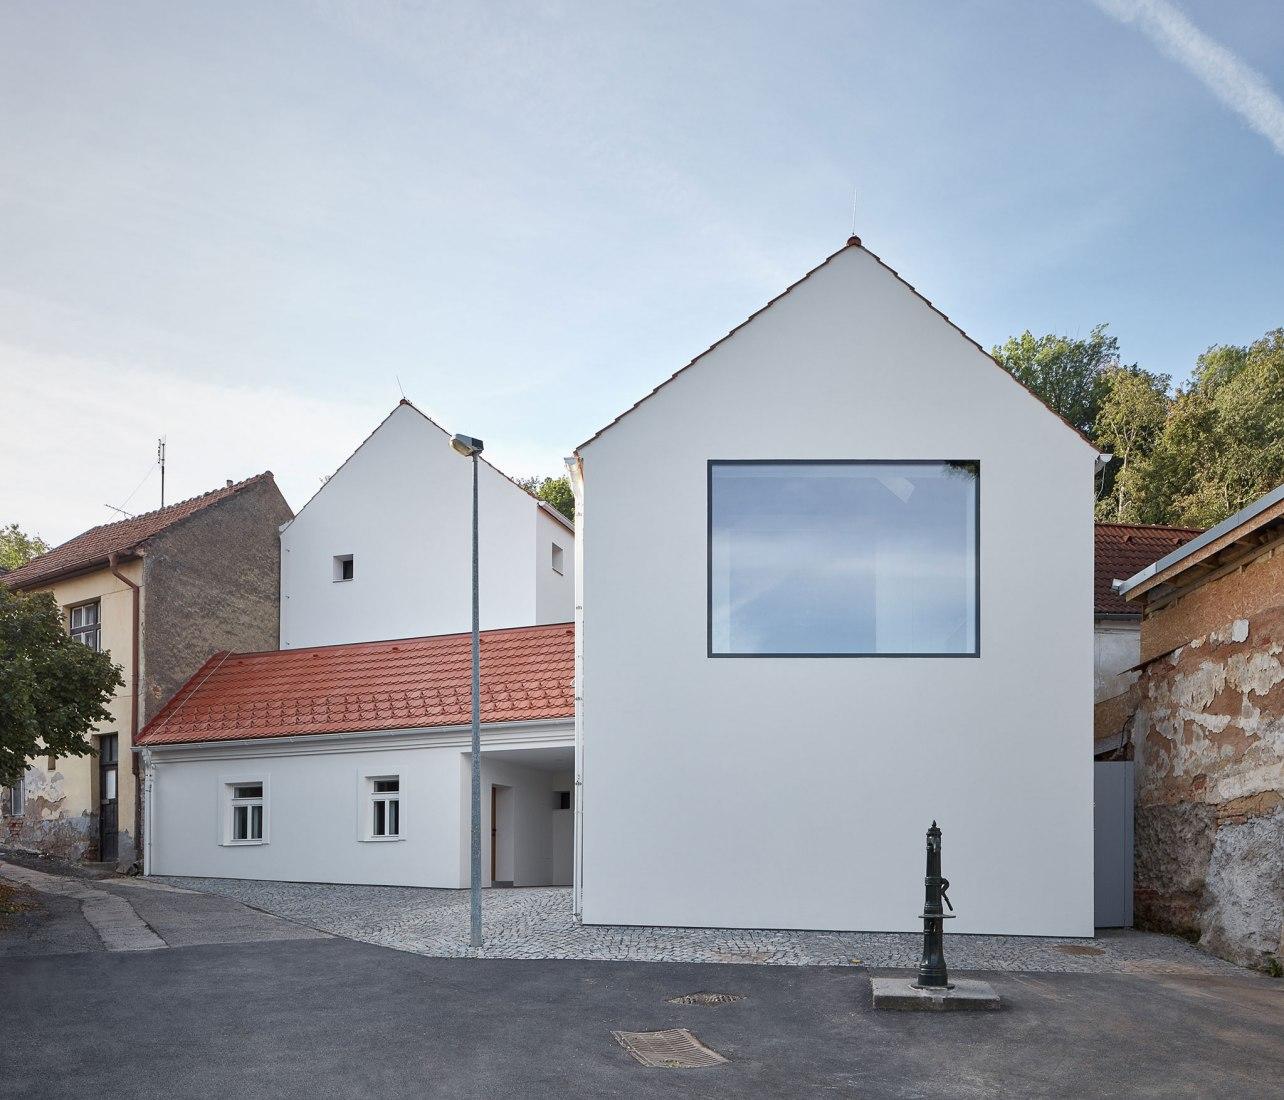 Casa unifamiliar en Jinonice por Atelier 111 arquitectos. Fotografia por BoysPlayNice / Jakub Skokan, Martin Tuma